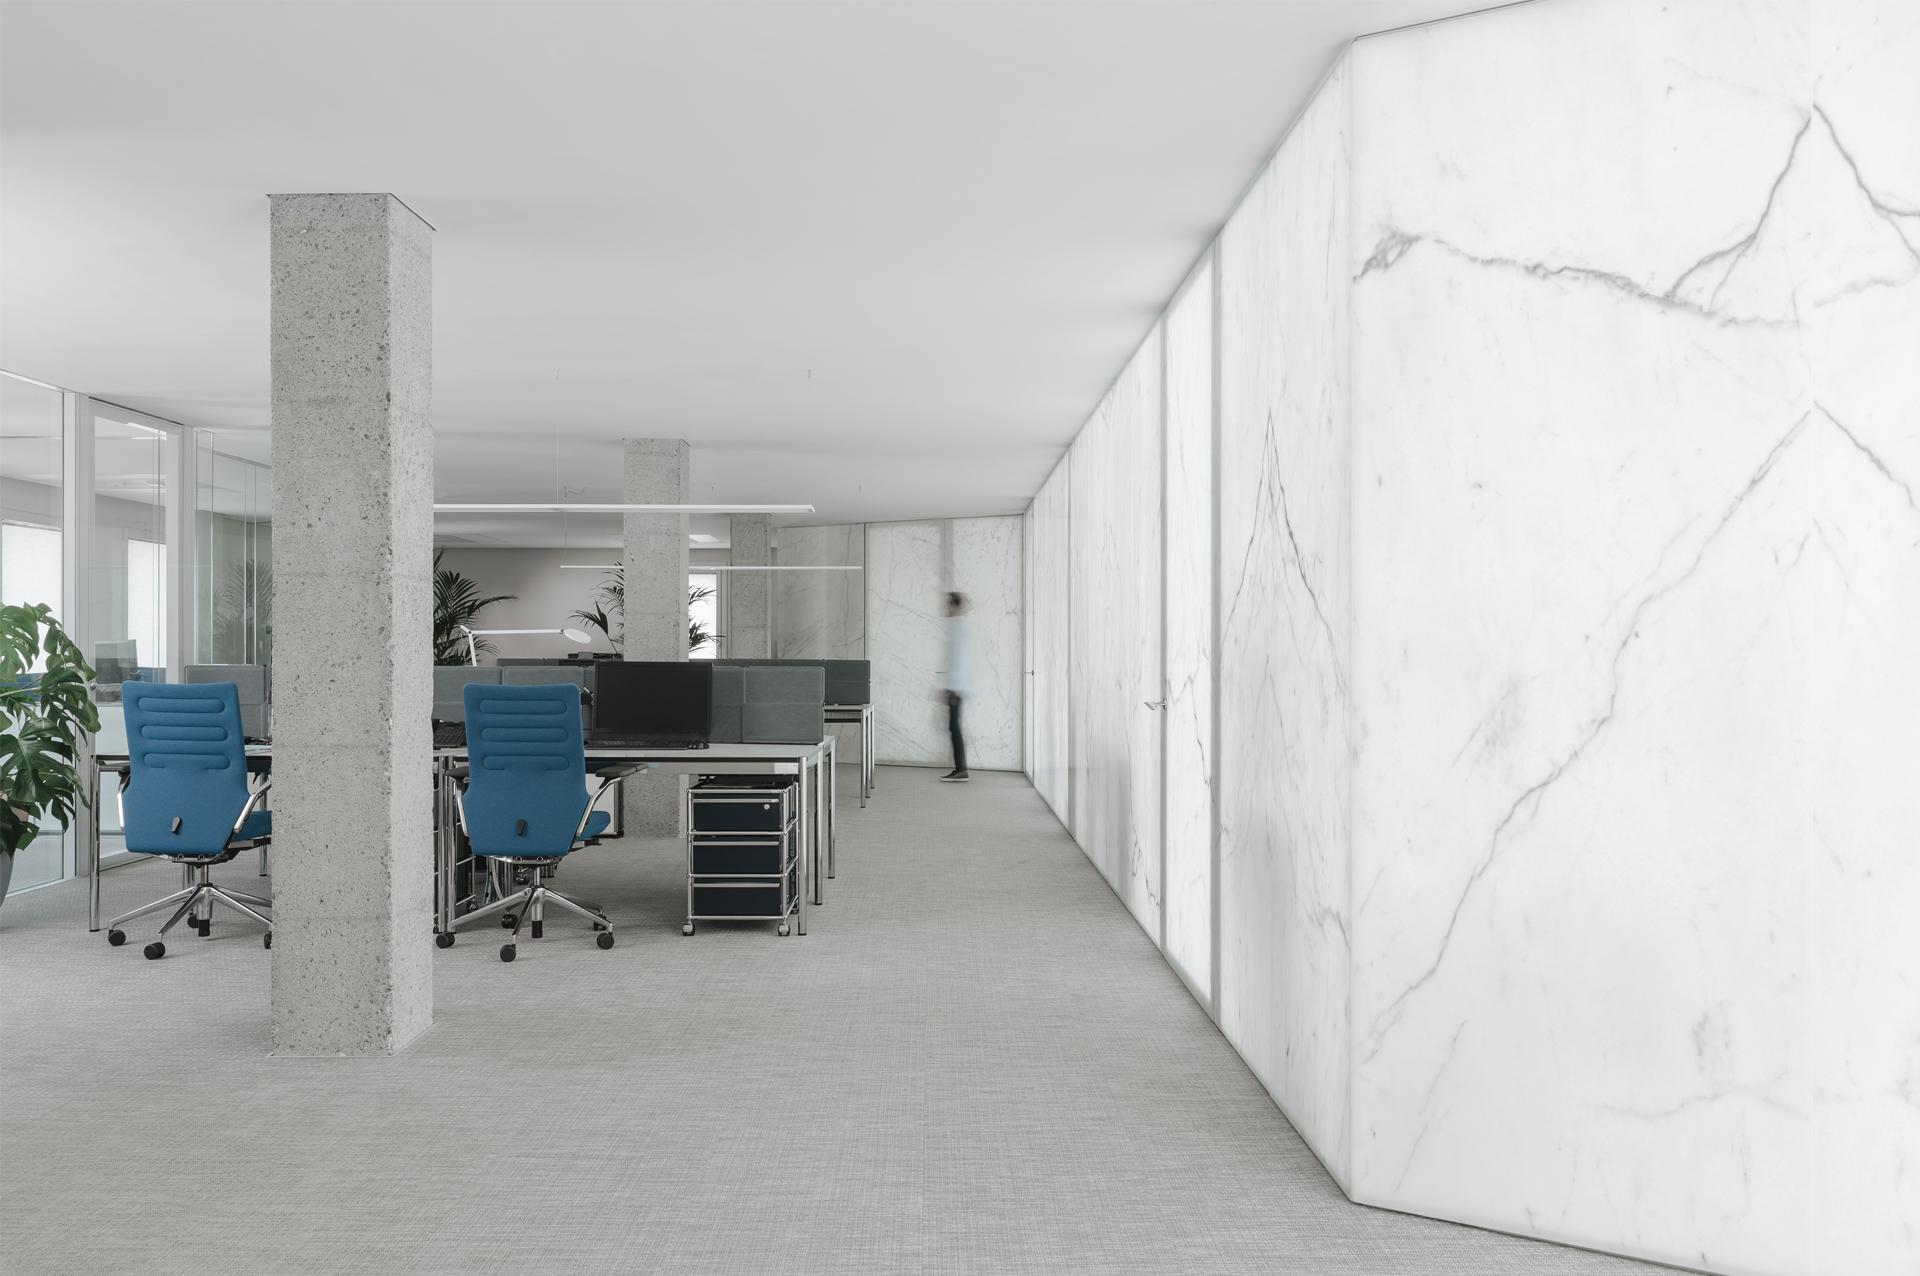 Thumbnail for Oniria Workspace